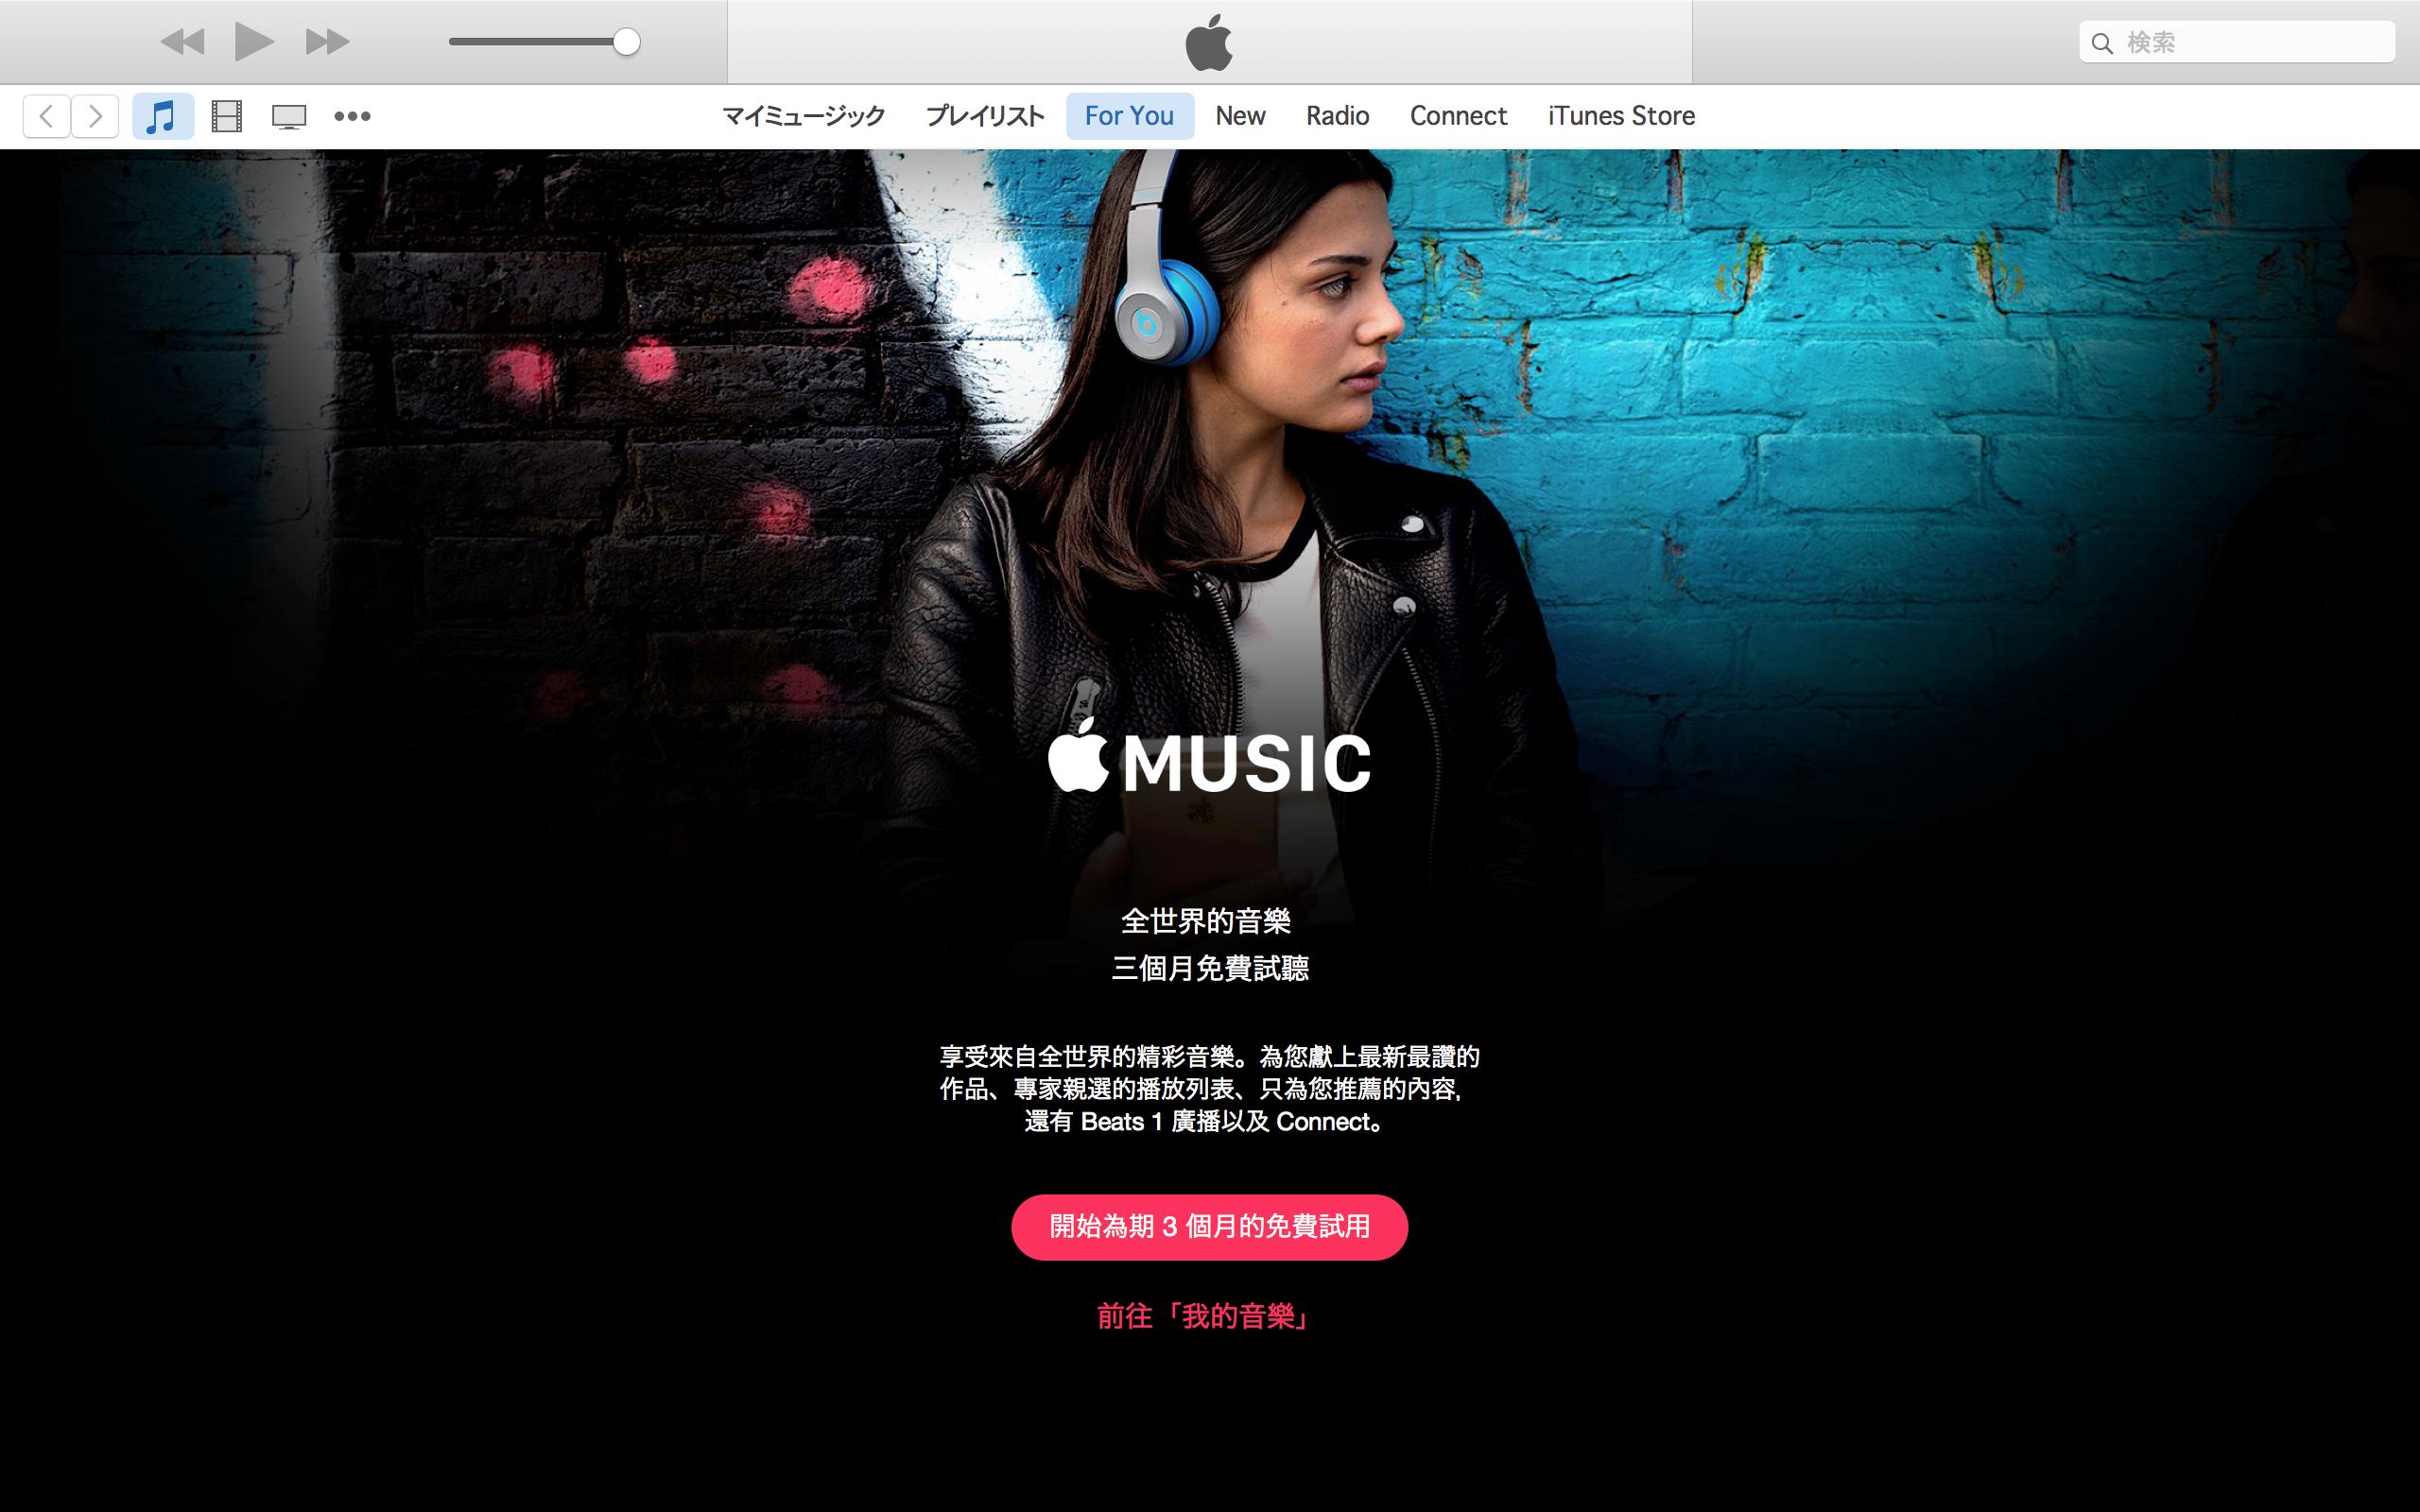 點擊畫面中的紅色按鈕即可開啟為期三個月的免費線上音樂服務!